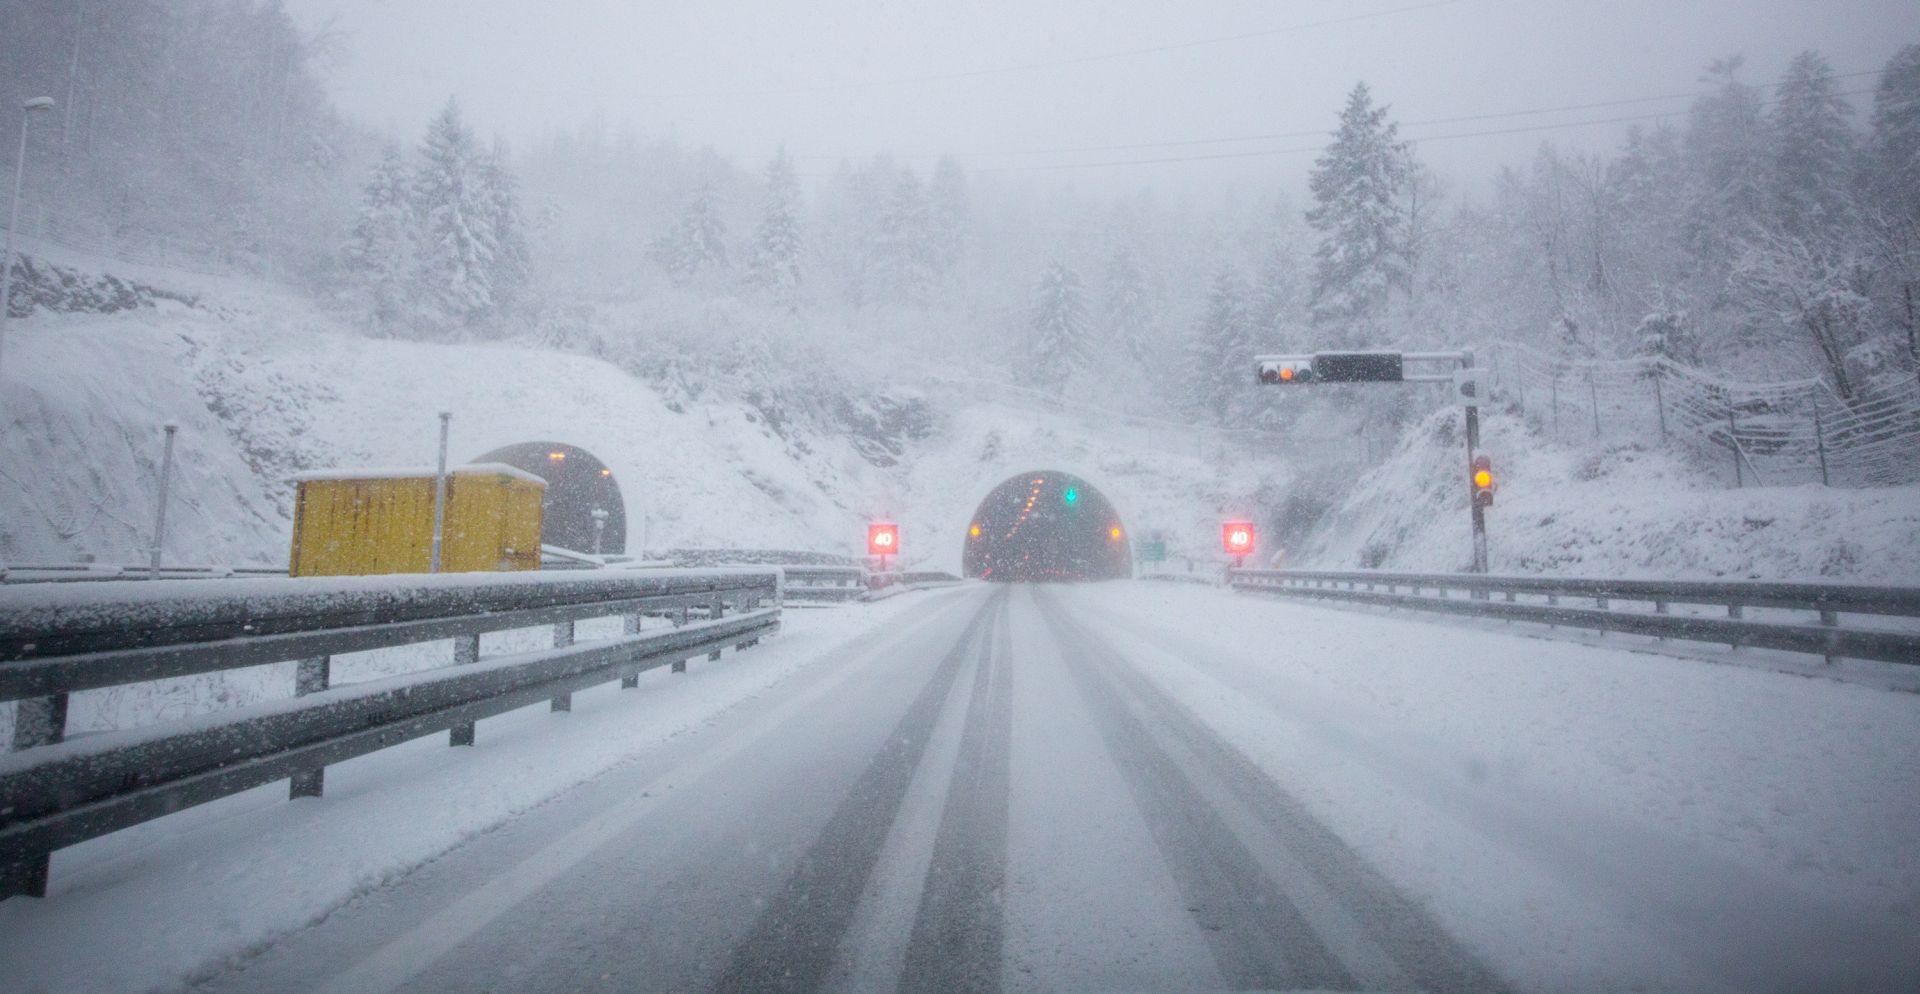 HAK Zimski uvjeti u Gorskom kotaru, usporen promet na A6 zbog prometne nesreće